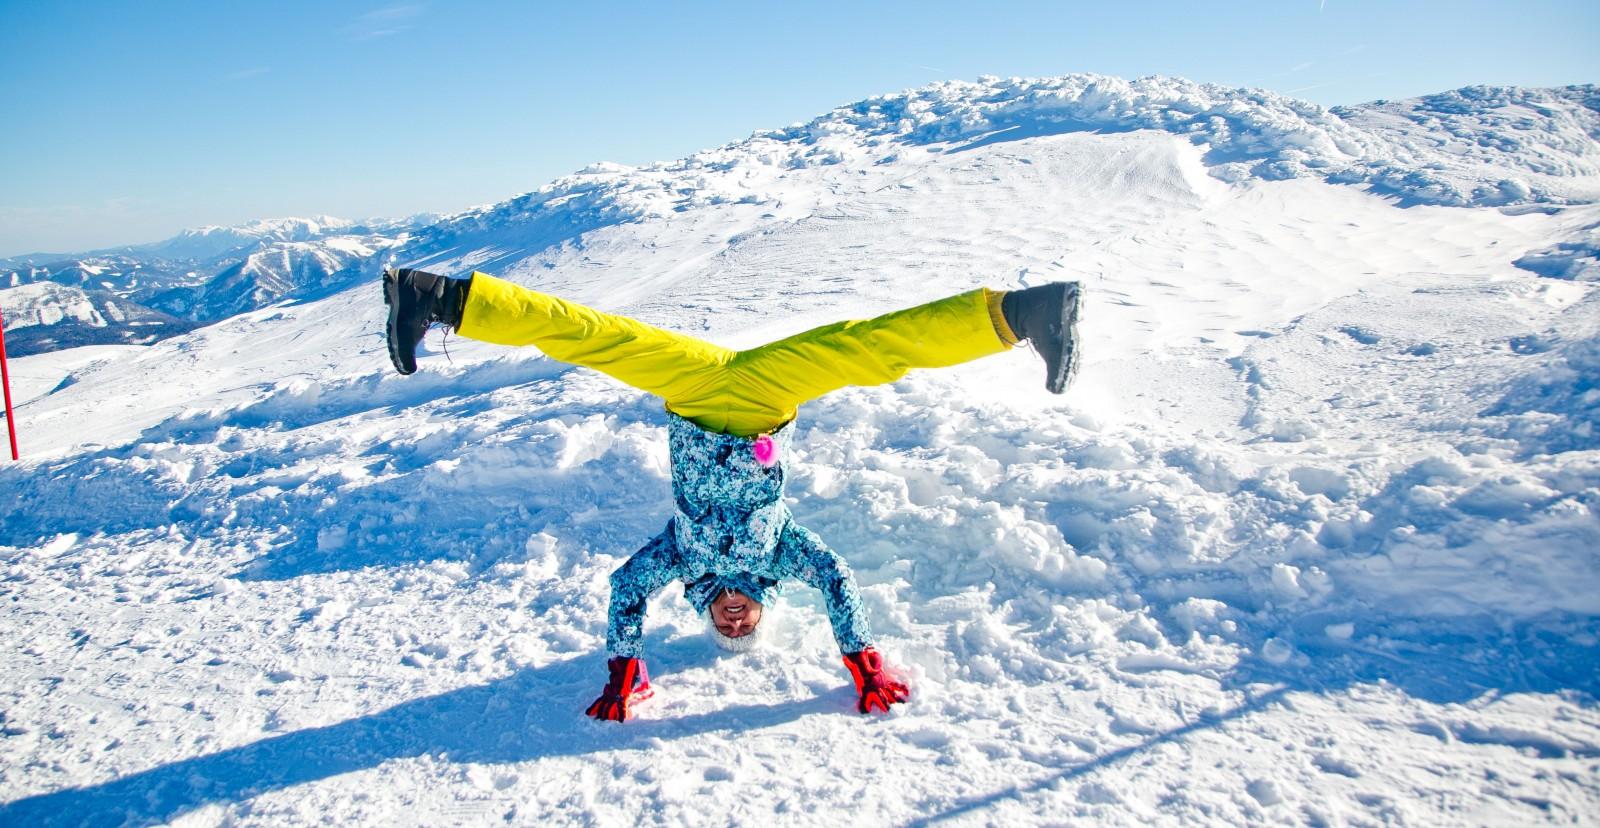 kreative Bilder im Schnee (c) wildbild